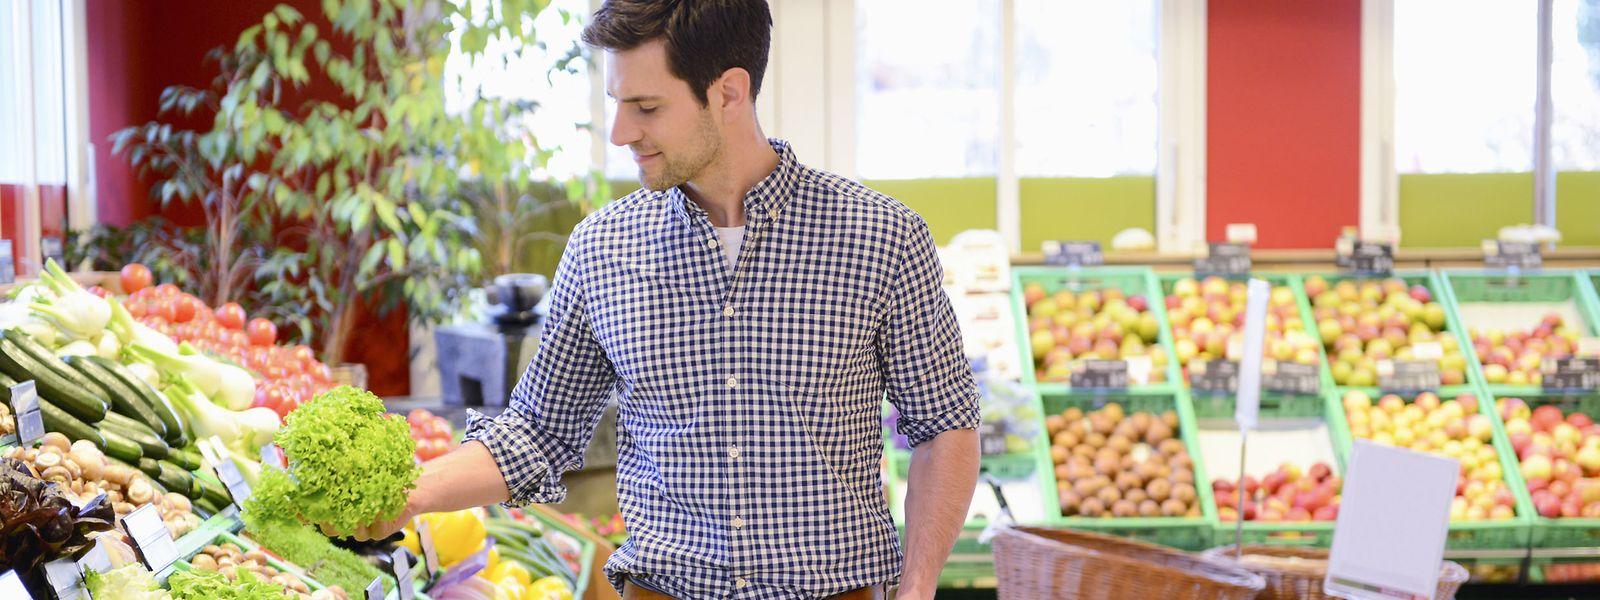 Au Luxembourg, 81% des produits biologiques sont achetés en grandes surfaces.